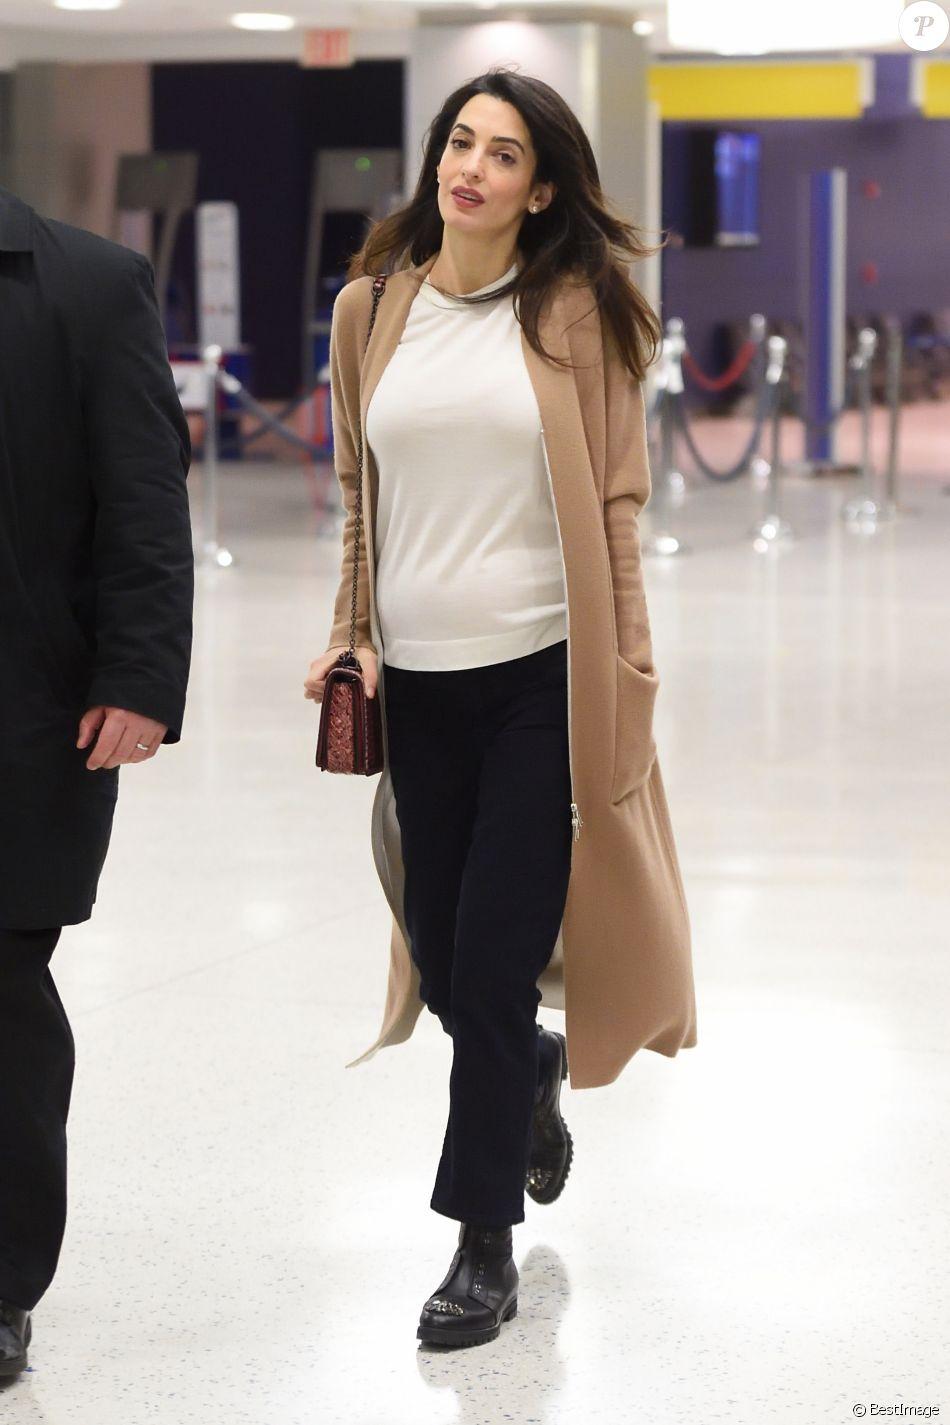 Exclusif - Amal Clooney, enceinte, arrive à l'aéroport JFK de New York City, New York, Etats-Unis, le 11 mars 2017.